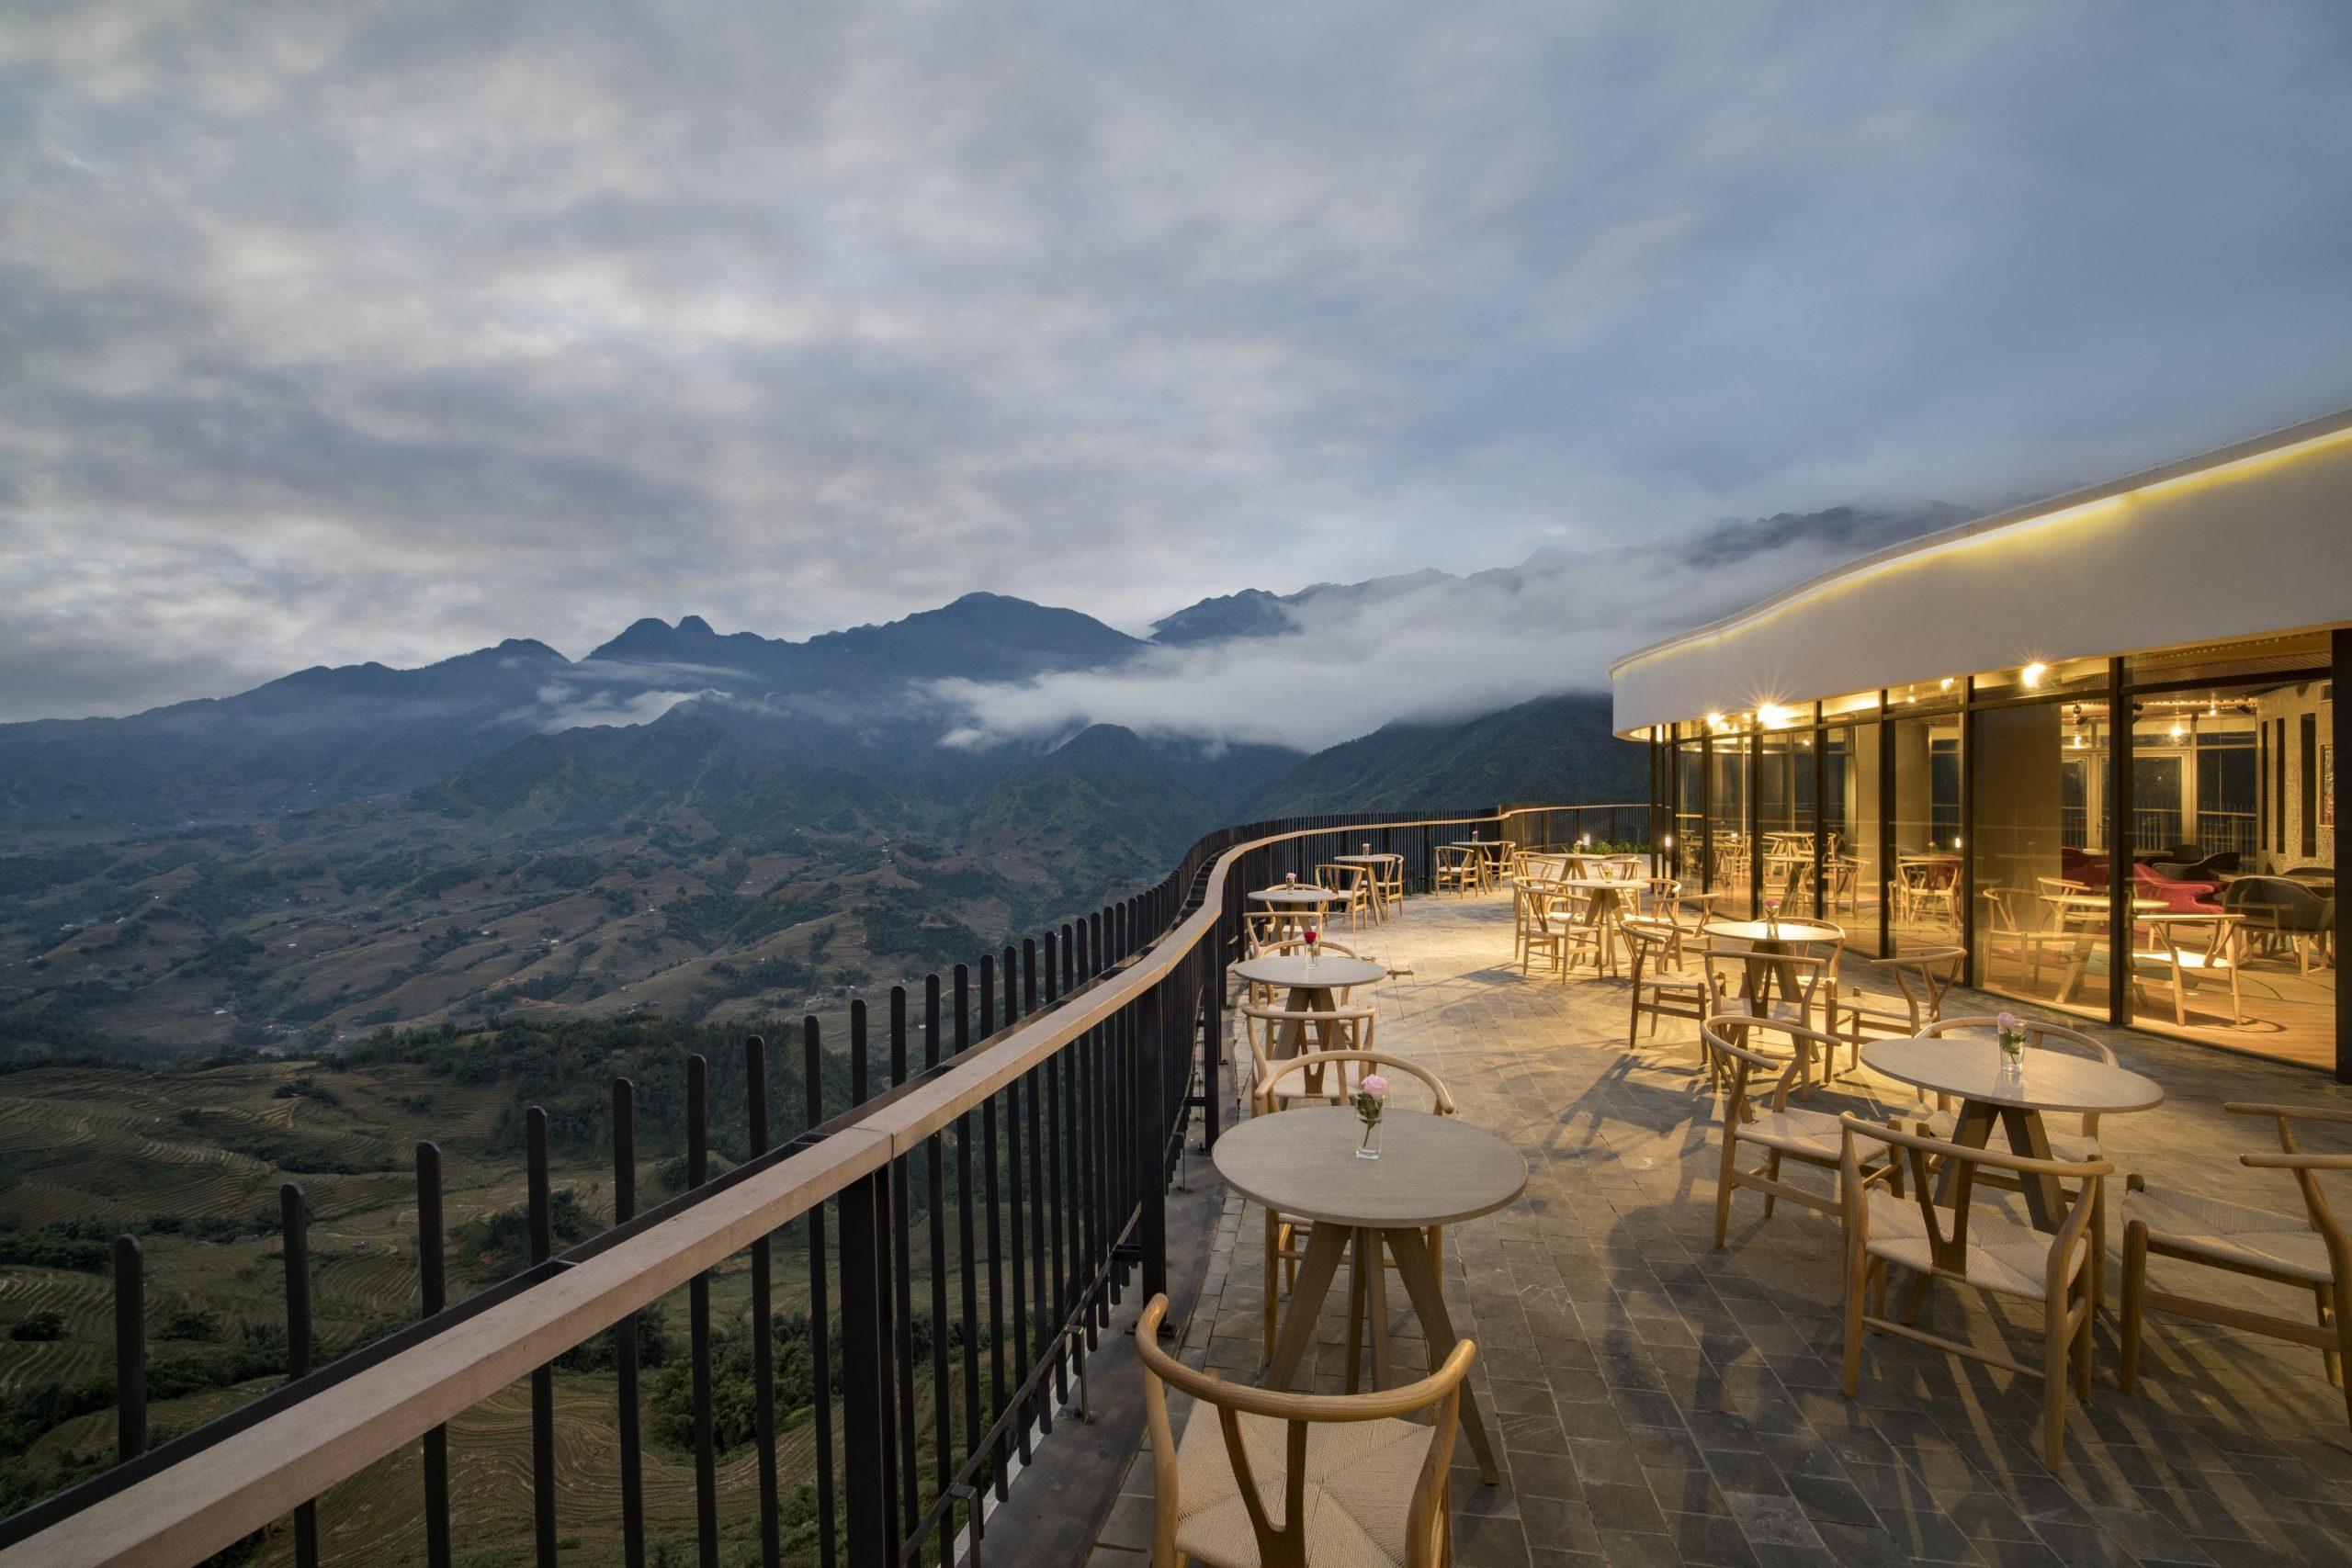 Tận hưởng cảnh đẹp núi rừng Sapa tại nhà hàng Pao's